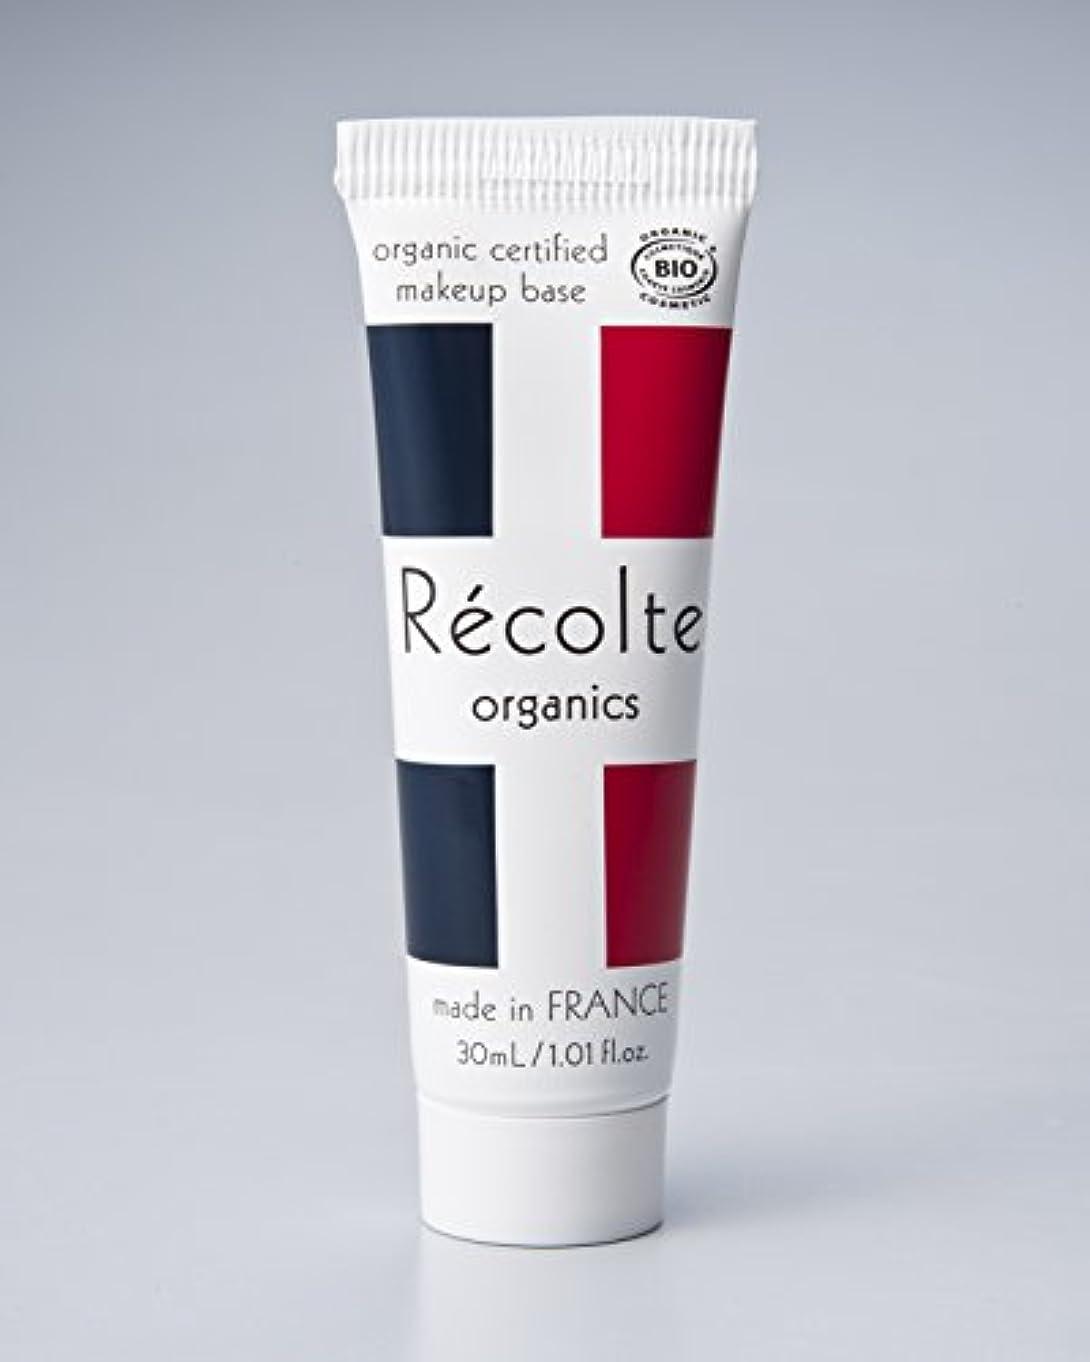 珍味ニンニクマージRecolte organics natural makeup base レコルトオーガニック ナチュラルメイクアップベース 化粧下地 SPF15 30ml